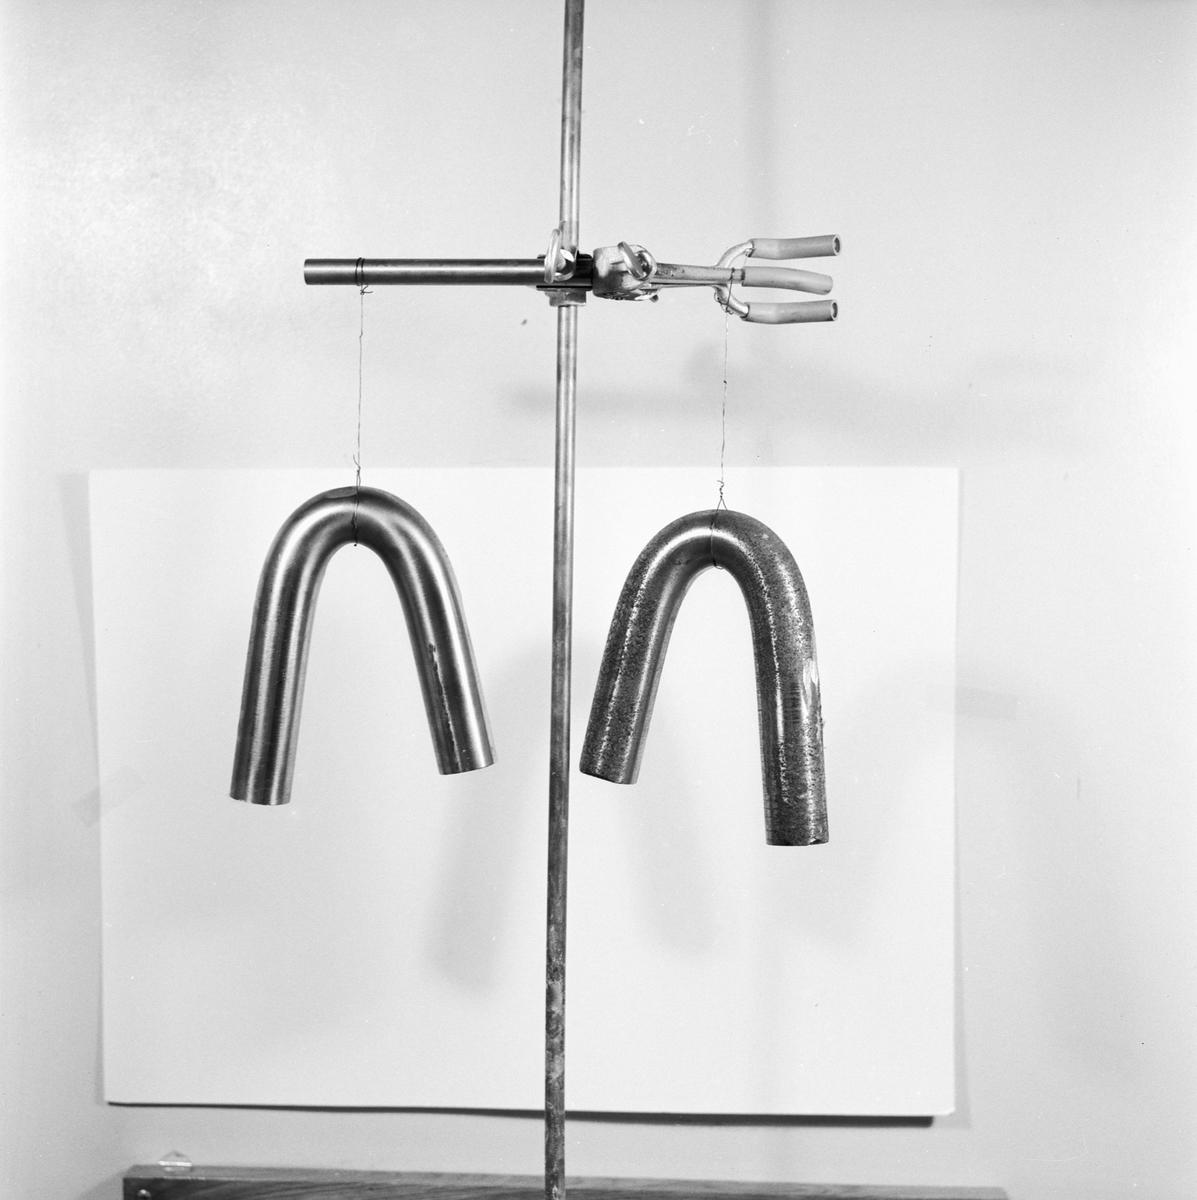 Övrigt: Foto datum: 12/1 1956 Byggnader och kranar Lab. Närmast identisk bild: V8588 och V8589, ej skannade